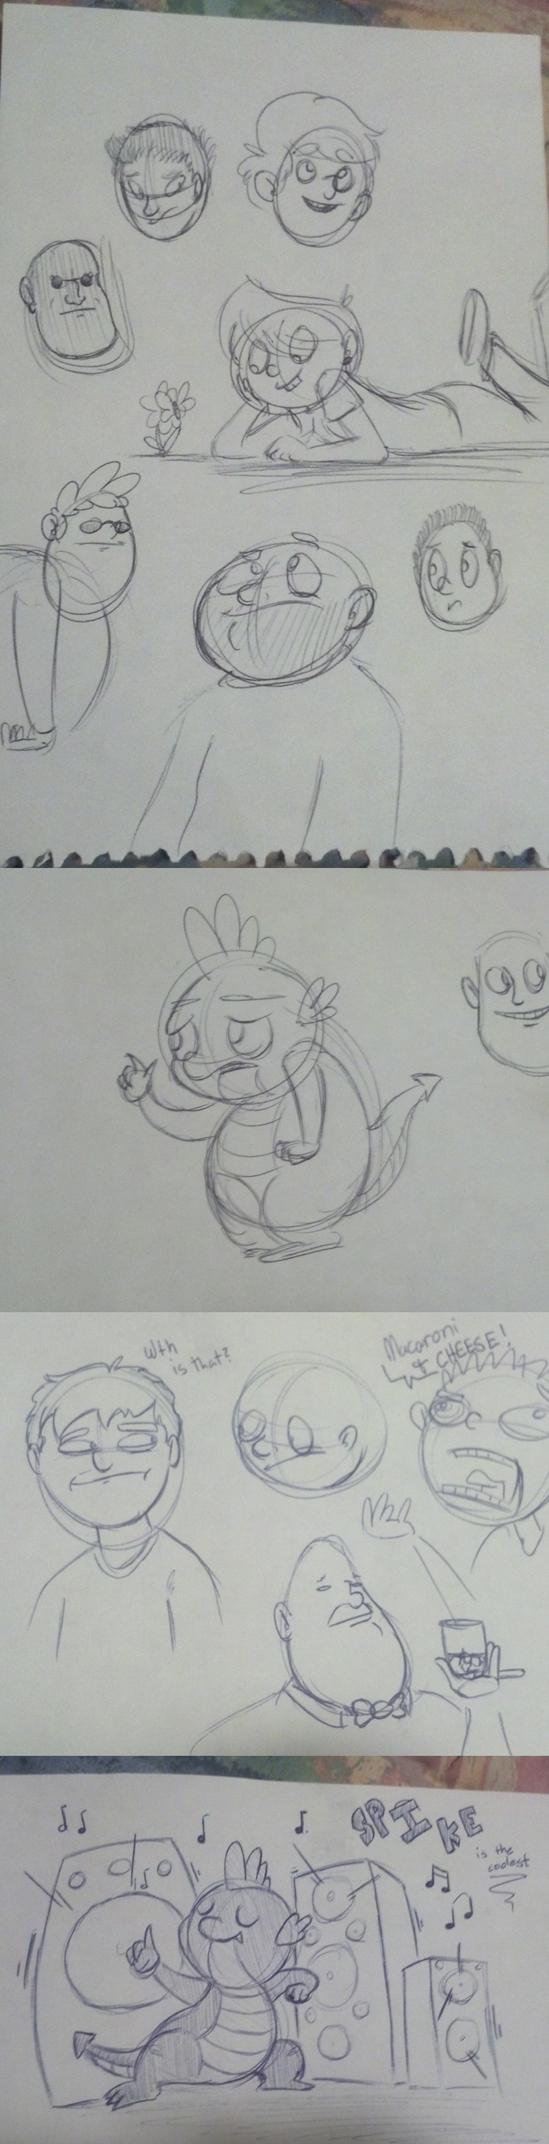 Kat's Korner 106: Arts & Crafts doodles